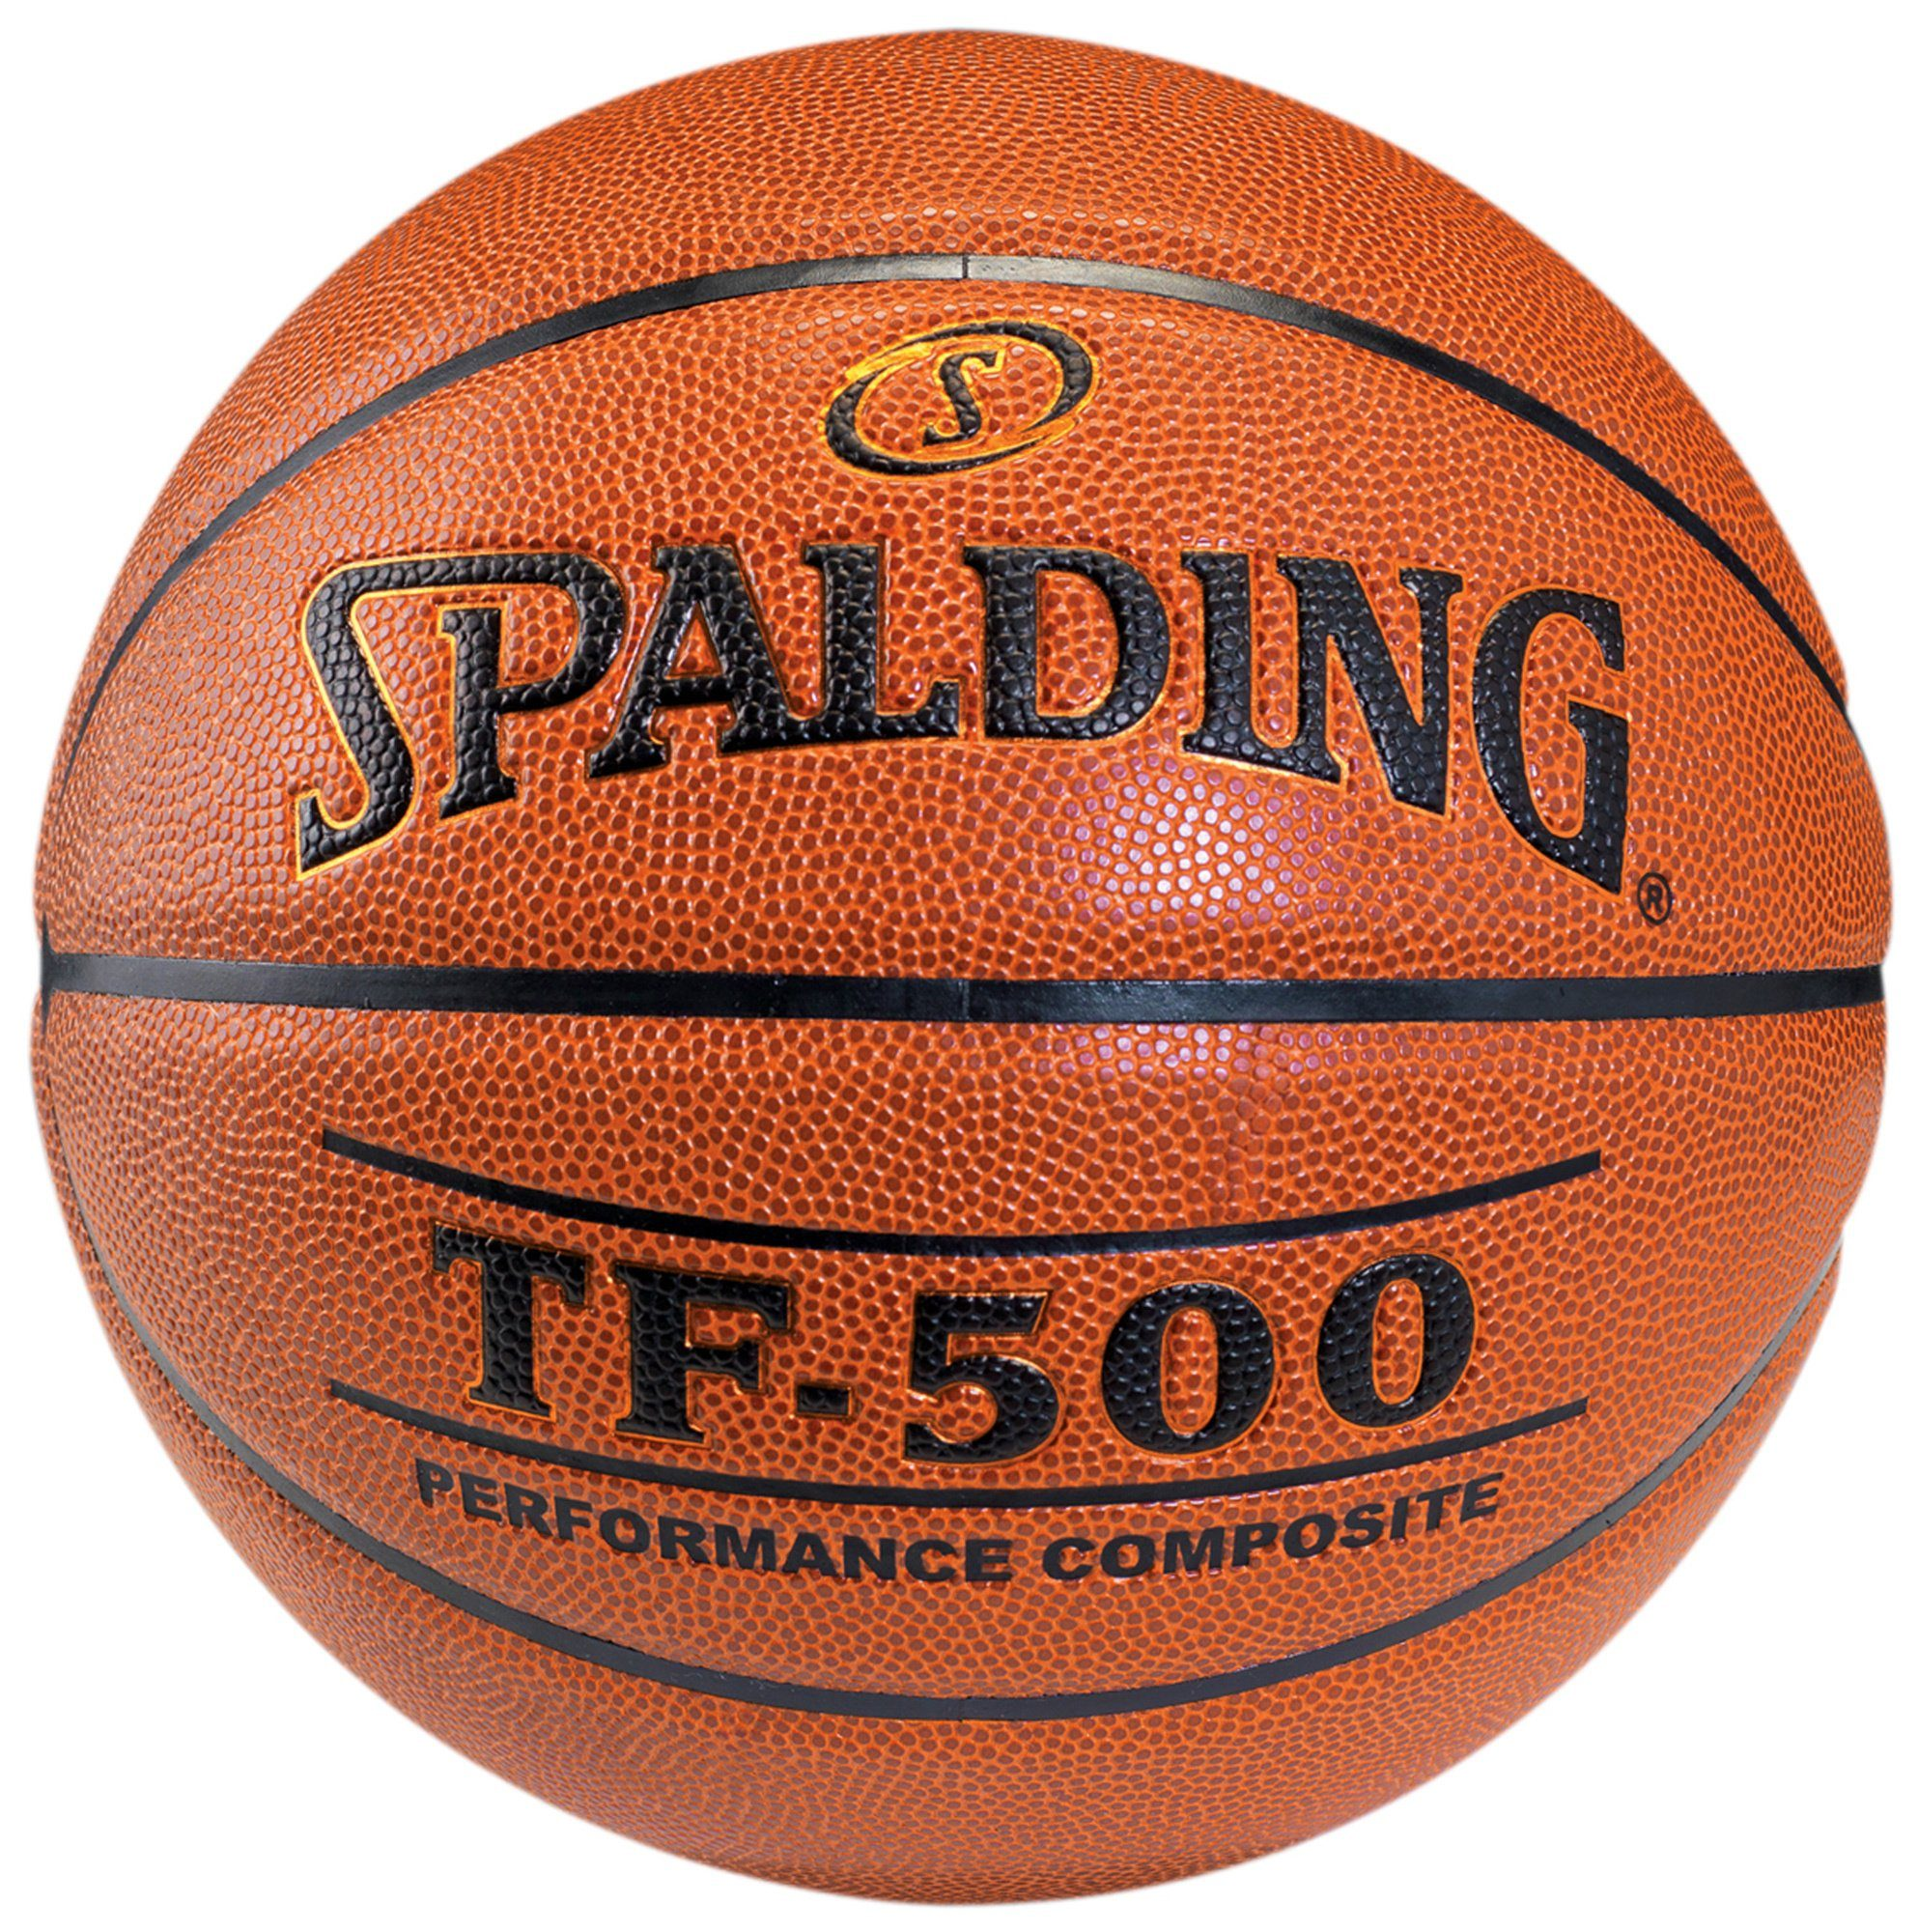 SPALDING TF500 Indoor Basketball